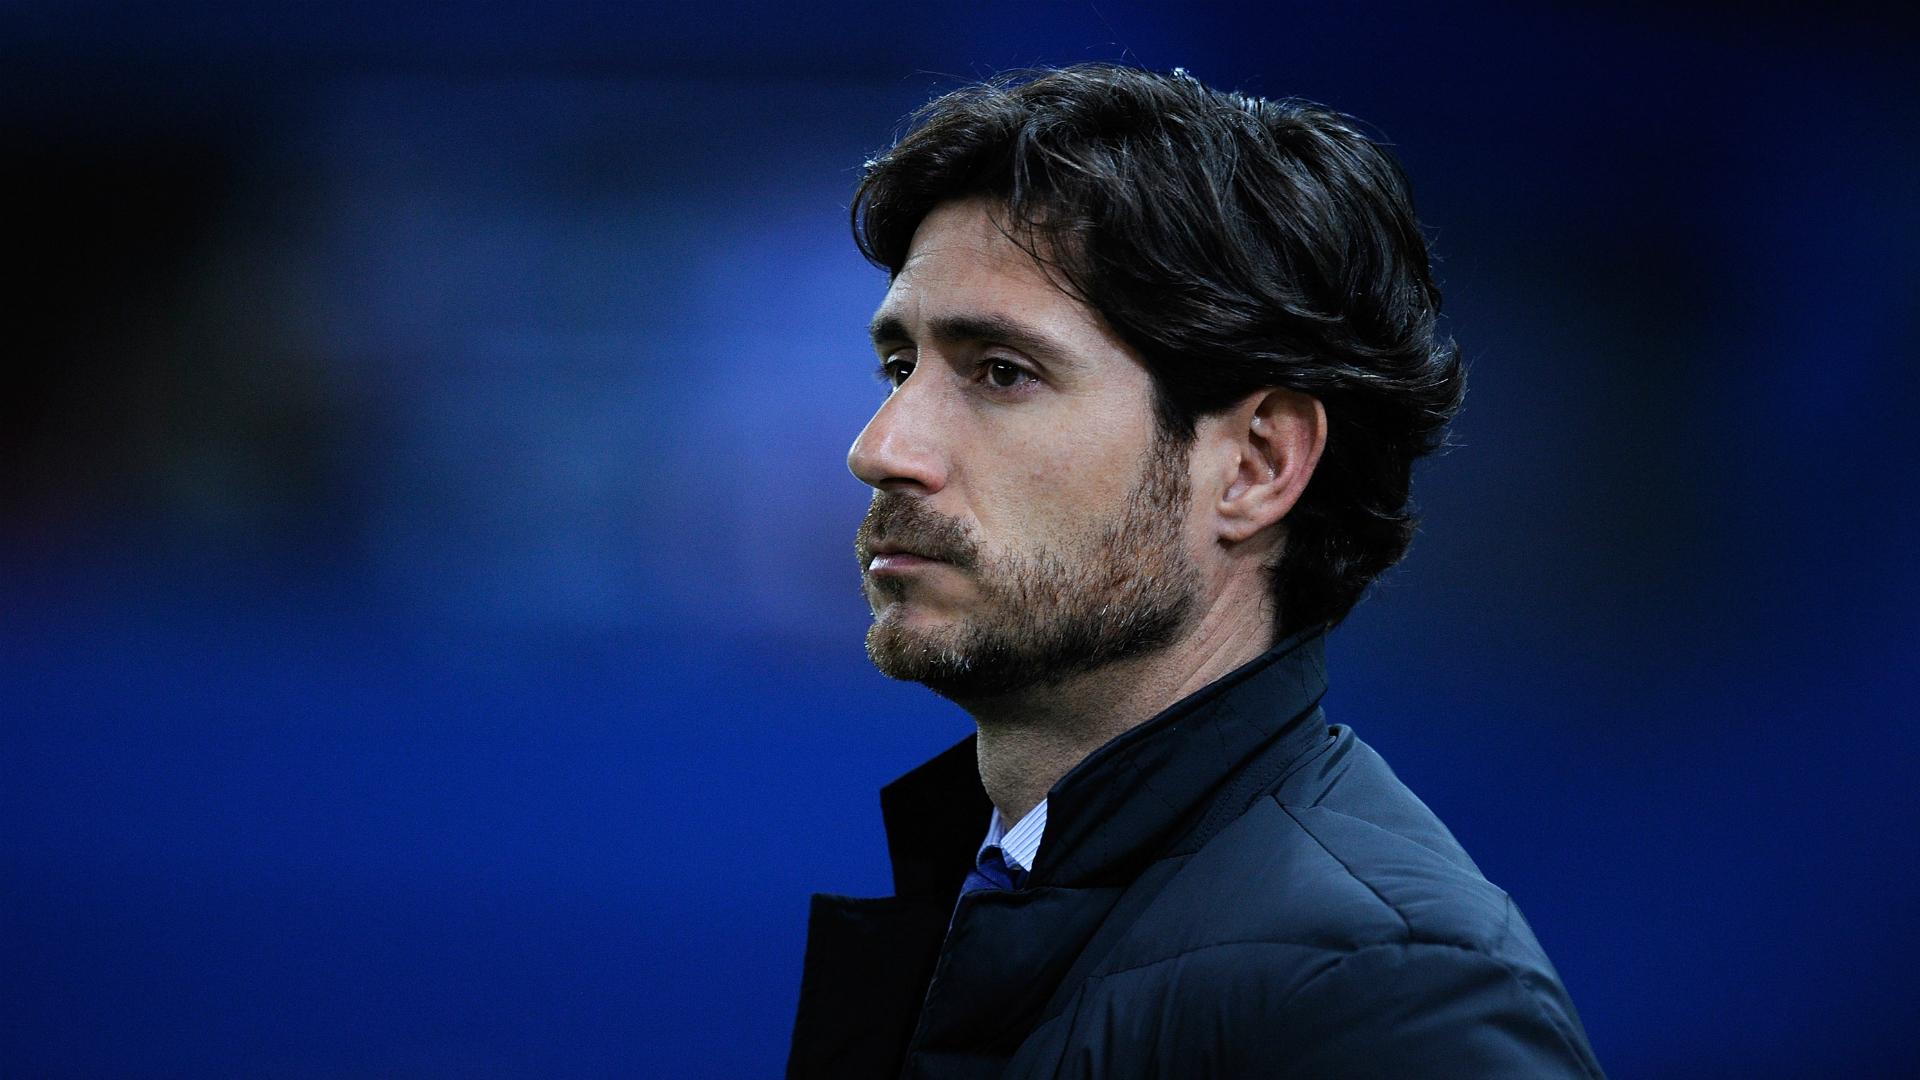 Malaga head coach Victor Sanchez suspended after explicit